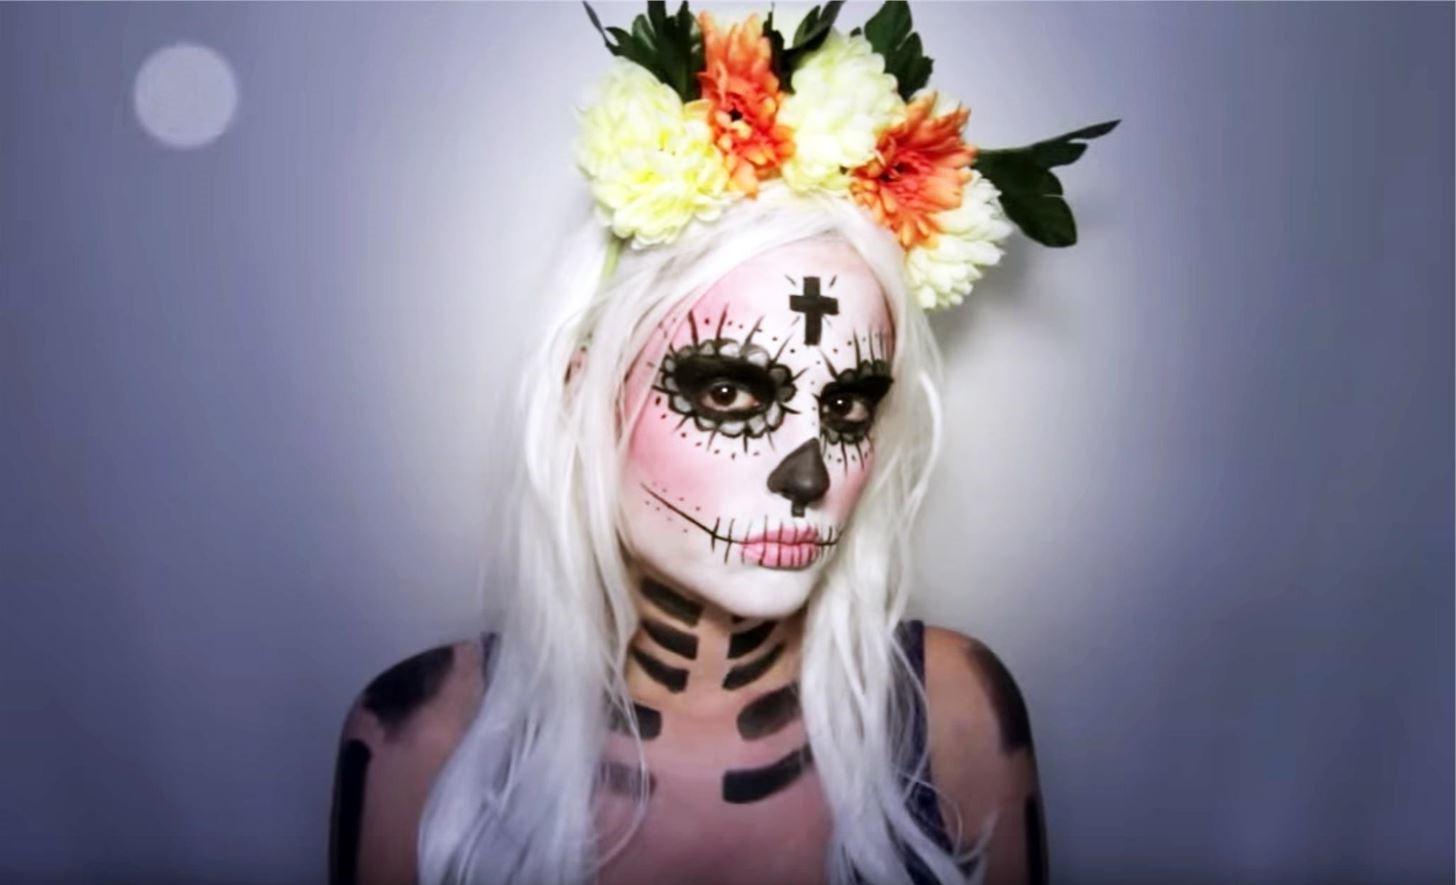 Elle apparaît aux côtés de nombreuses personnalités mexicaines.